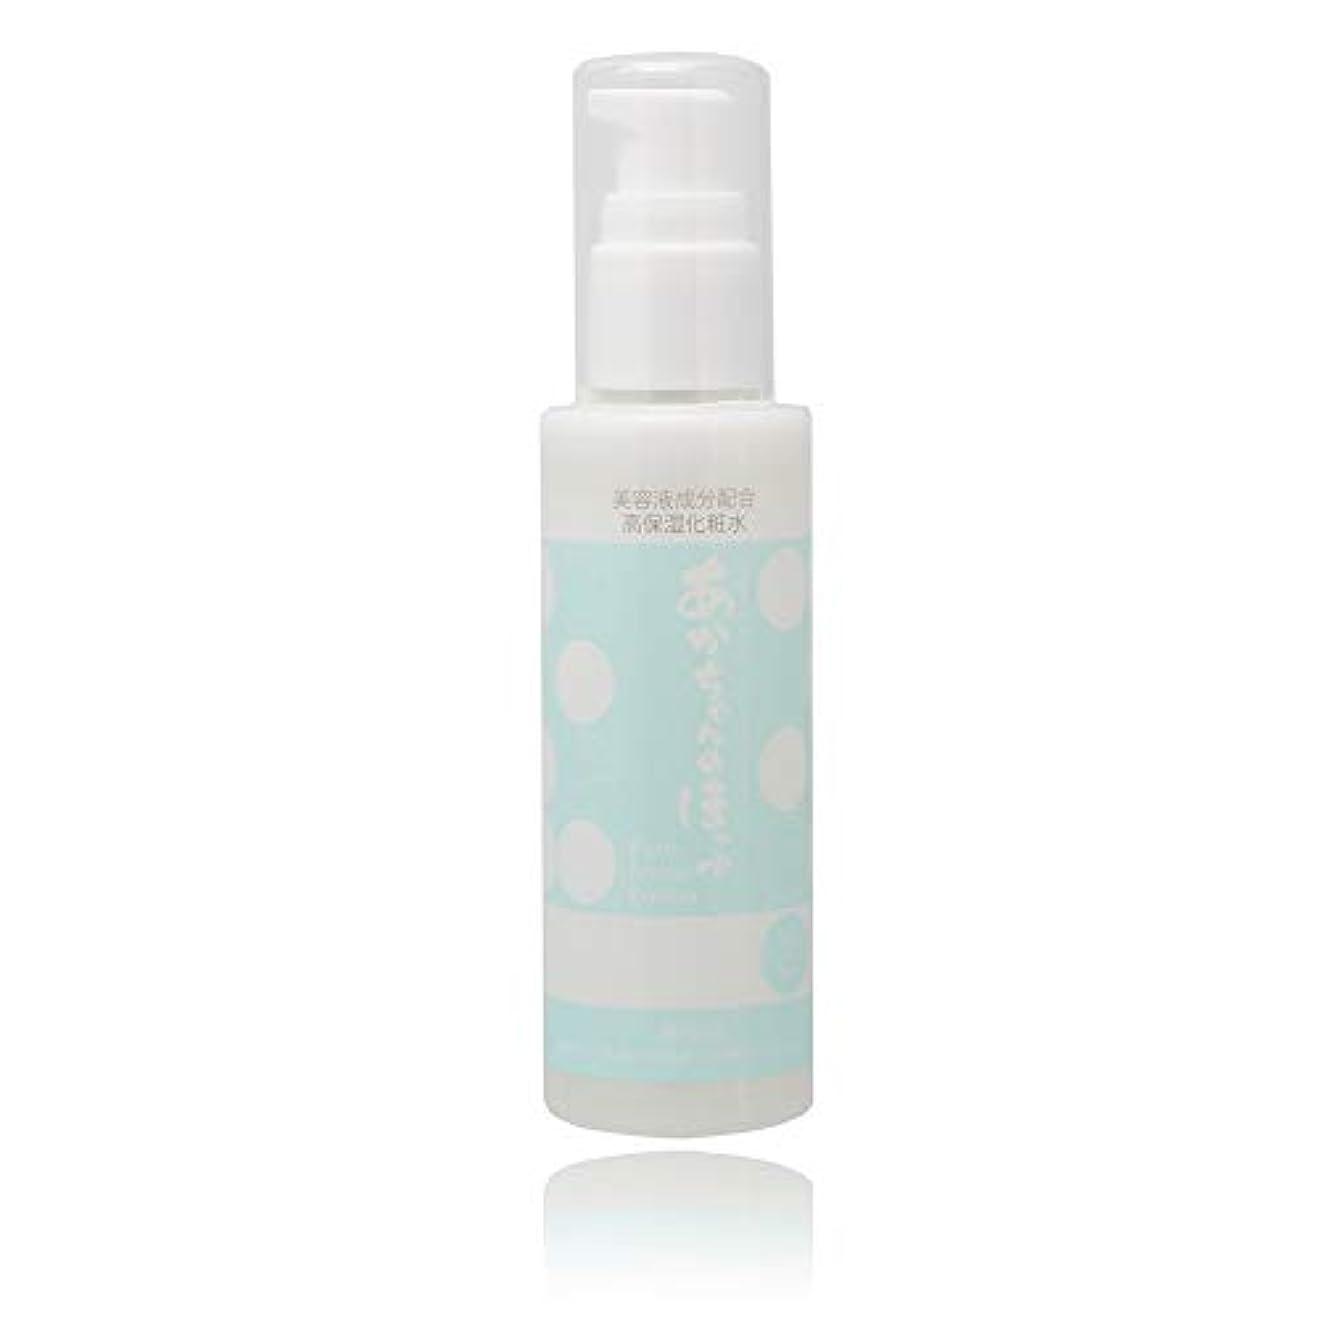 波シエスタ貴重な美容液からつくった高保湿栄養化粧水 「あかちゃんのほっぺ」 PureMoist 80ml 明日のお肌が好きになる化粧水